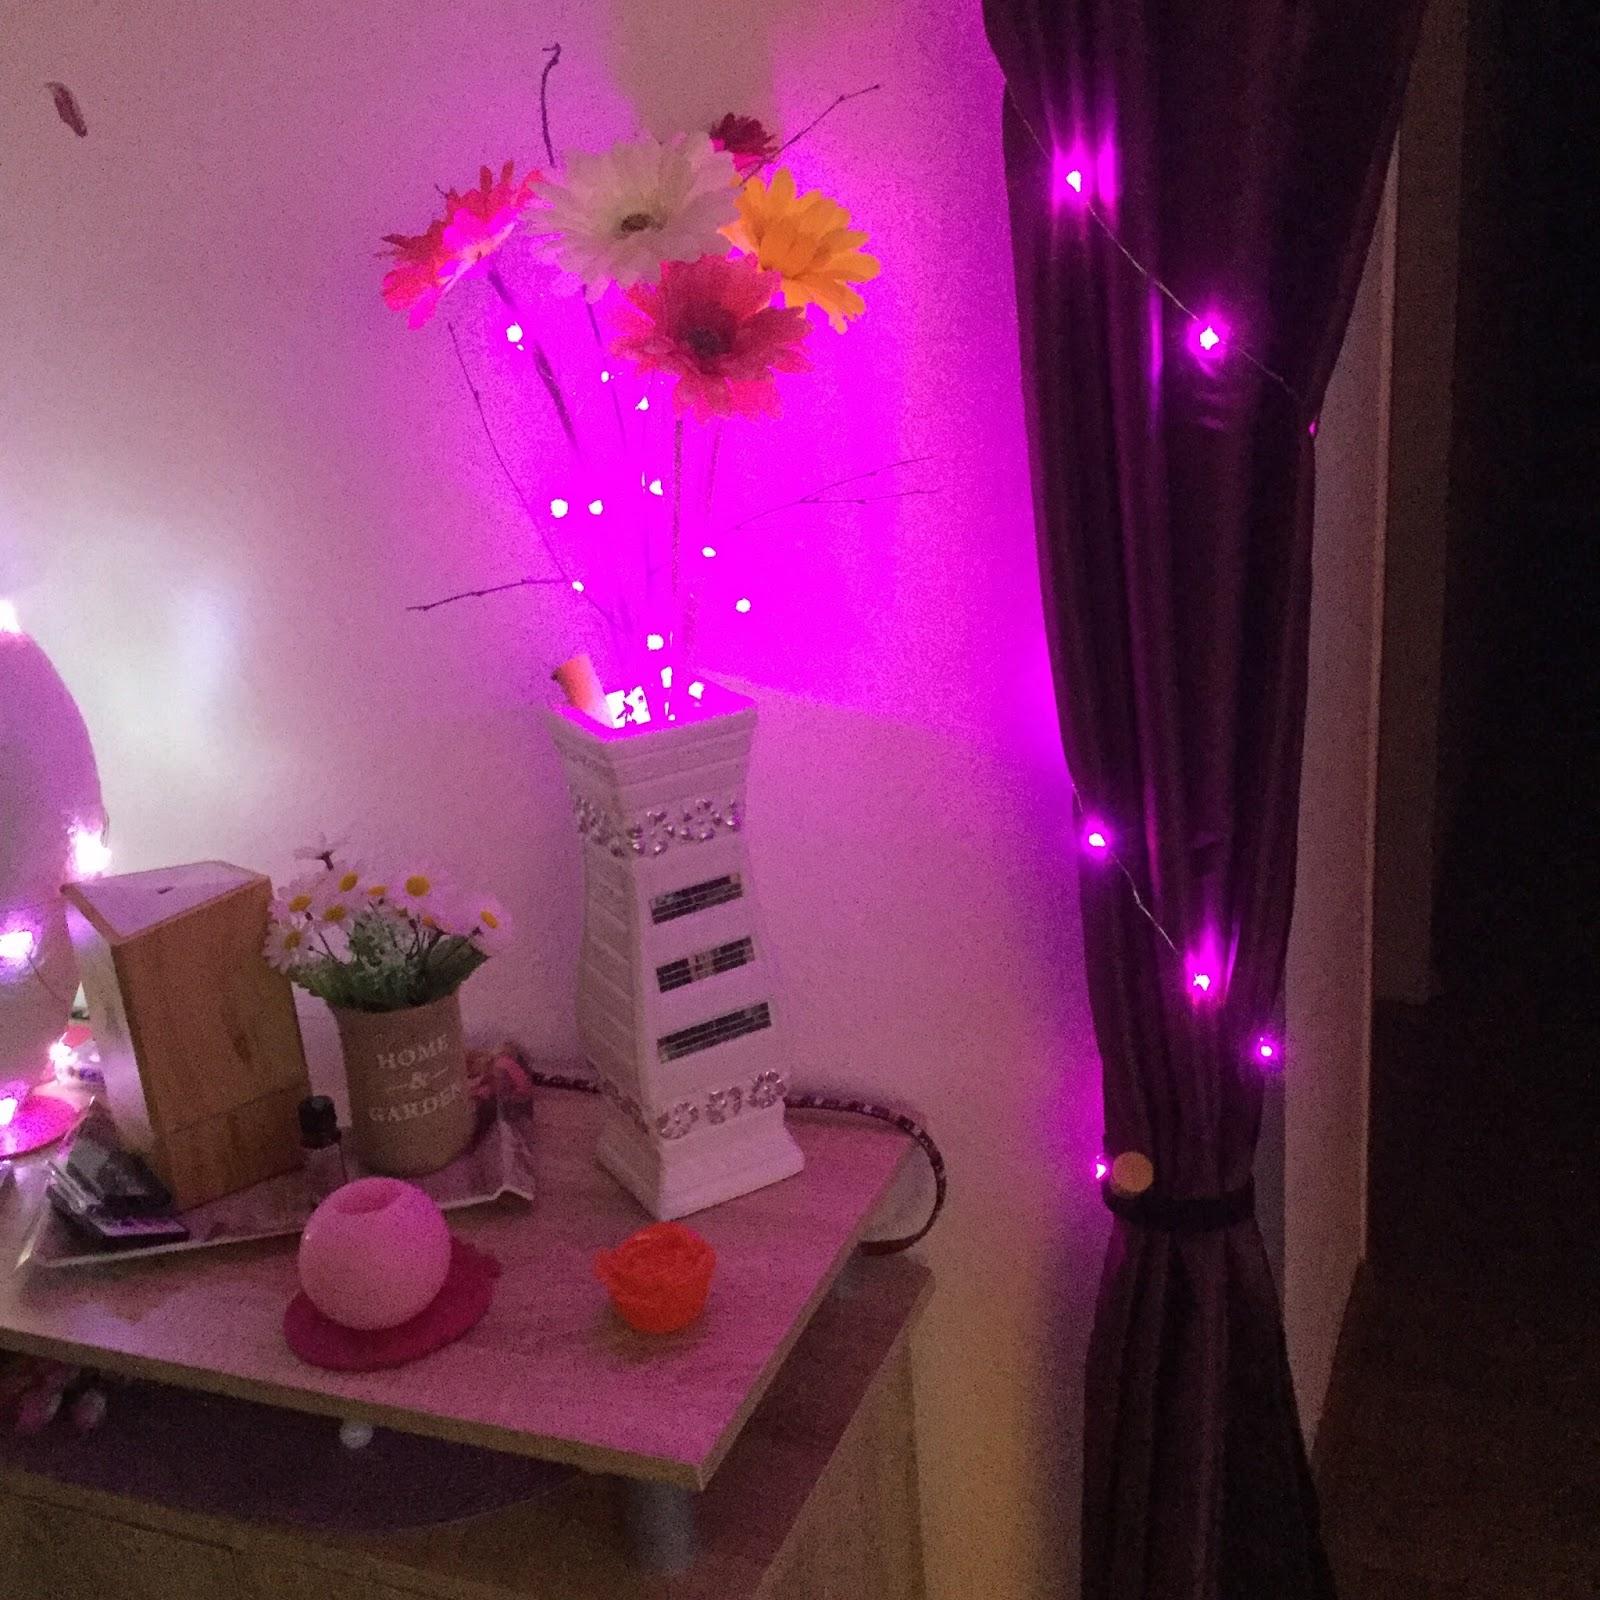 lahr2006 testet flaschenlicht enjoydeal weinflaschen. Black Bedroom Furniture Sets. Home Design Ideas